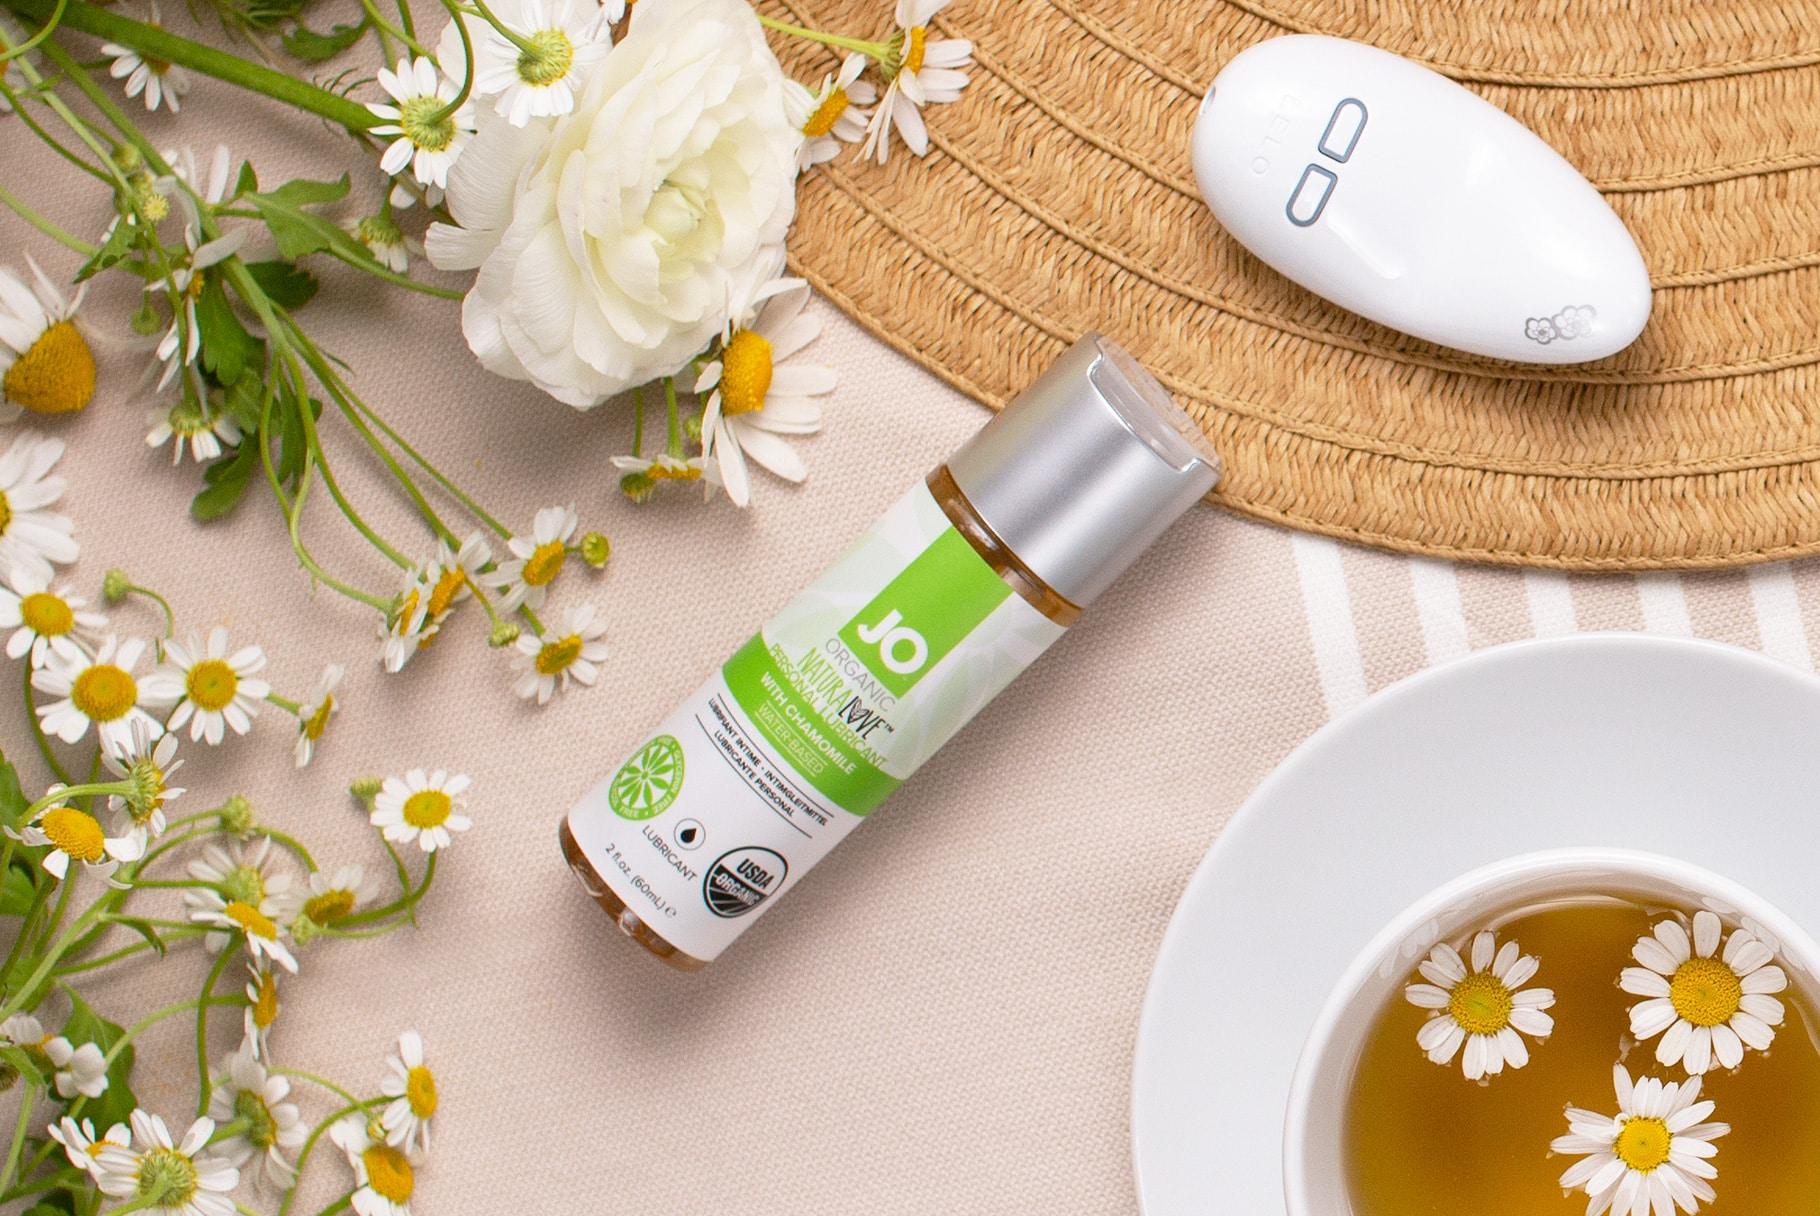 System JO Natural Love organiczny lubrykant z rumiankiem | Recenzja